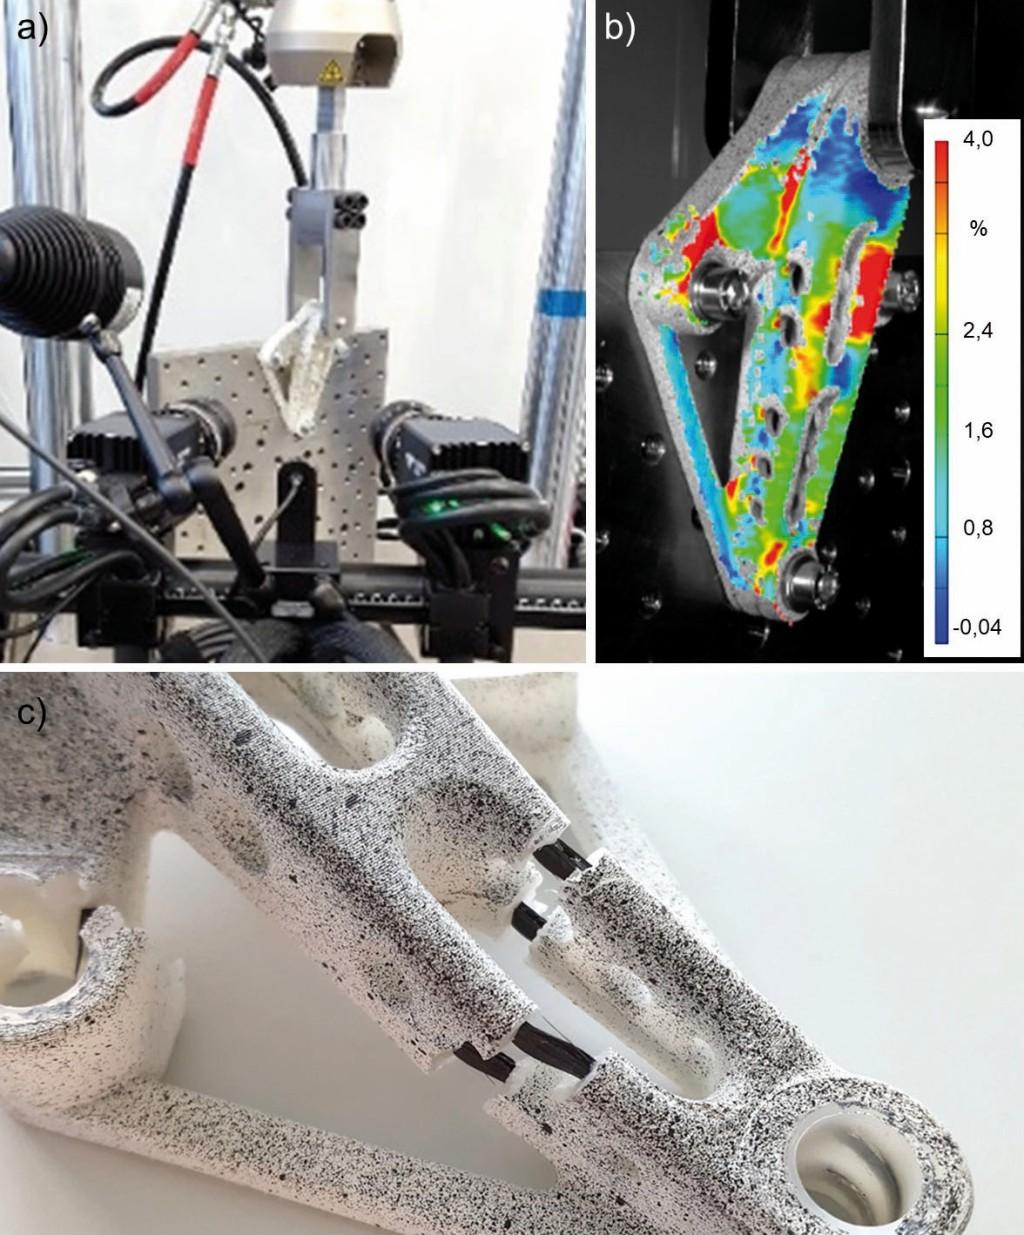 Bild 5. Mechanische Prüfung des Labormusters (a), 3D-Dehnungszustand unter Belastung (b) sowie versagte Probe mit UD-Faserverstärkung (c). Bild: CFK Nord